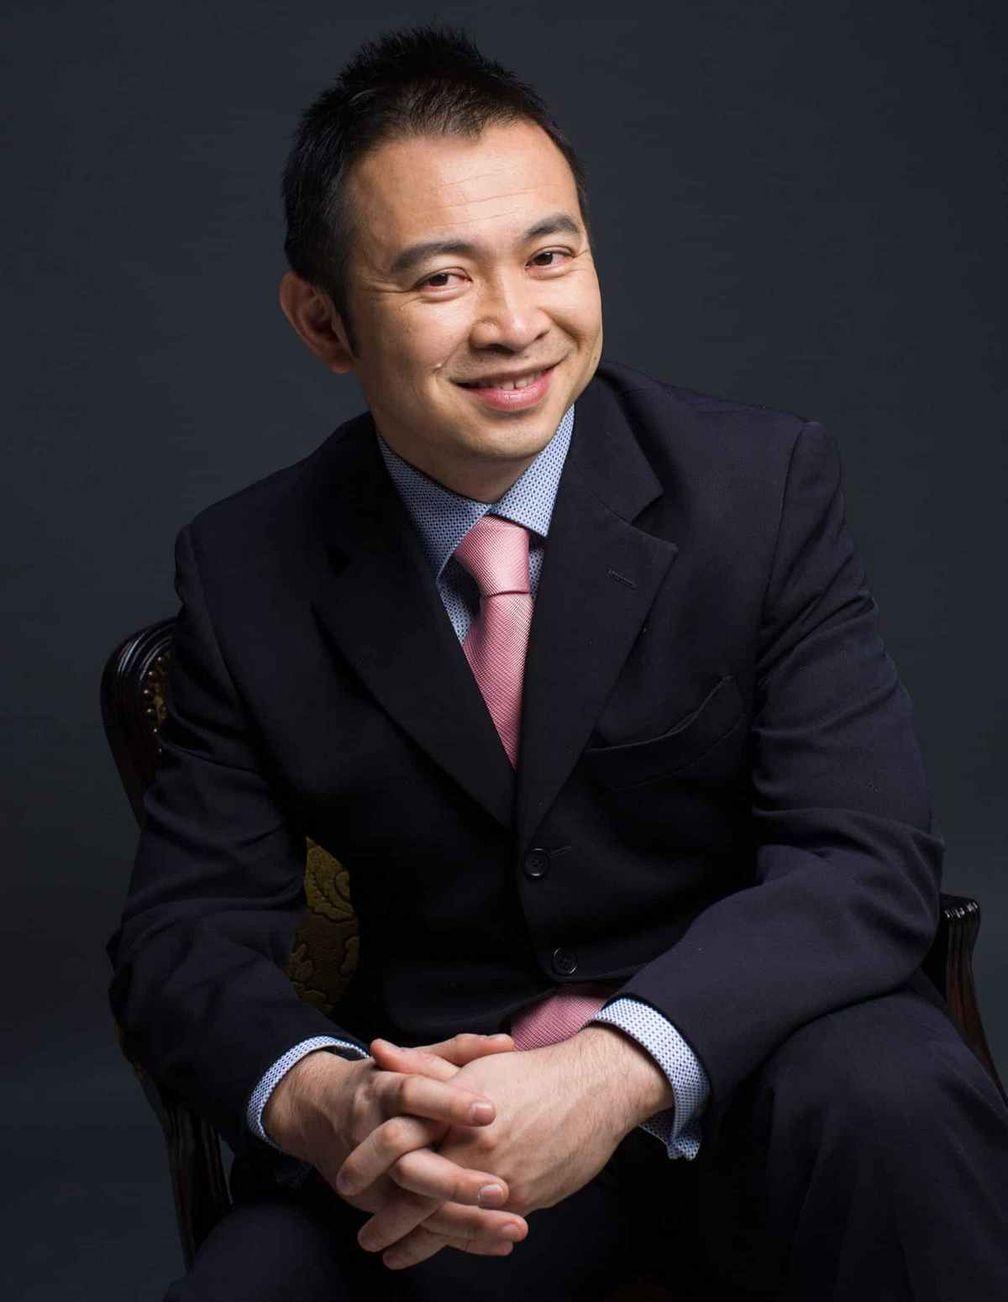 Торговец драгоценными камнями из Шанхая Чен Шен